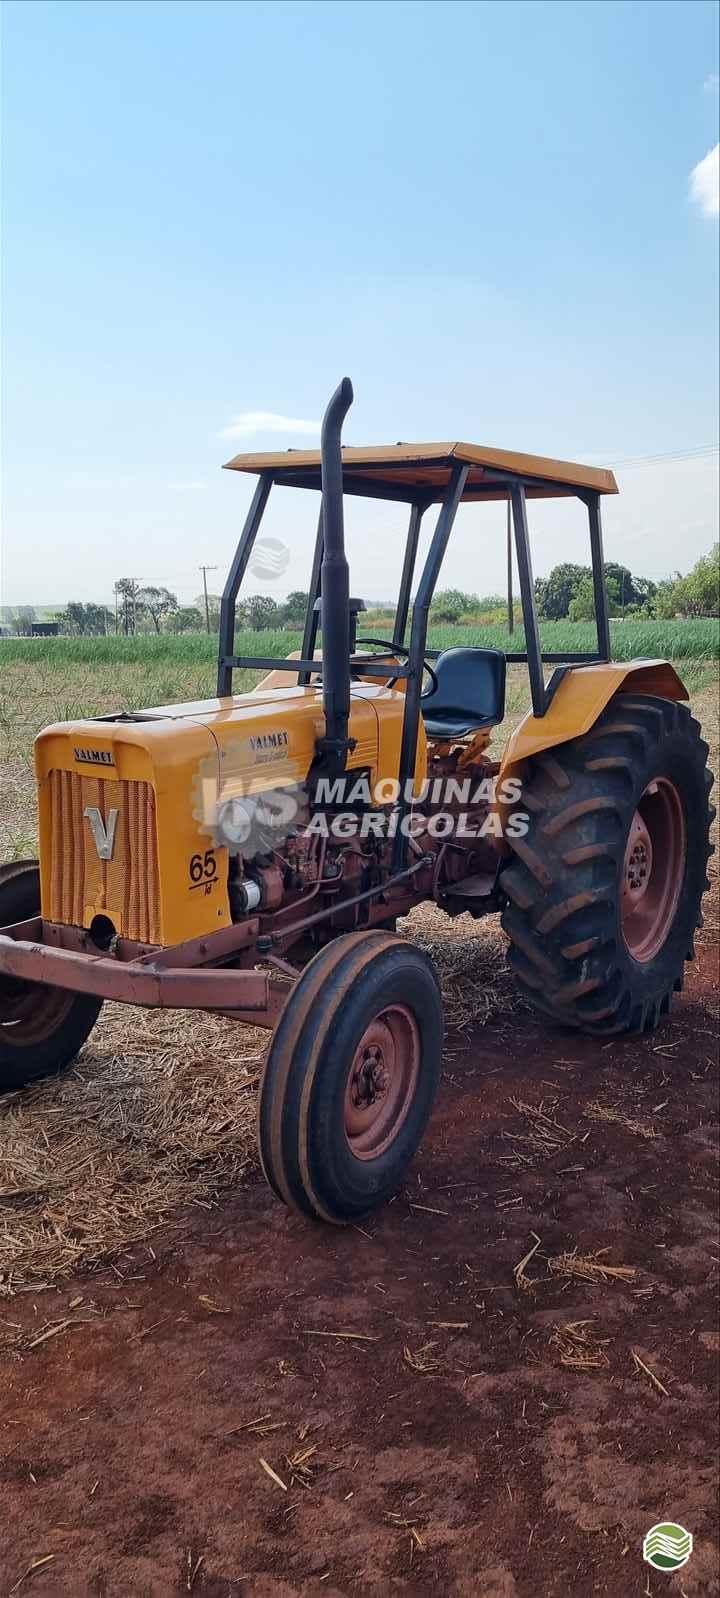 TRATOR VALMET VALMET 65 Tração 4x2 WS Máquinas Agrícolas SERTAOZINHO SÃO PAULO SP